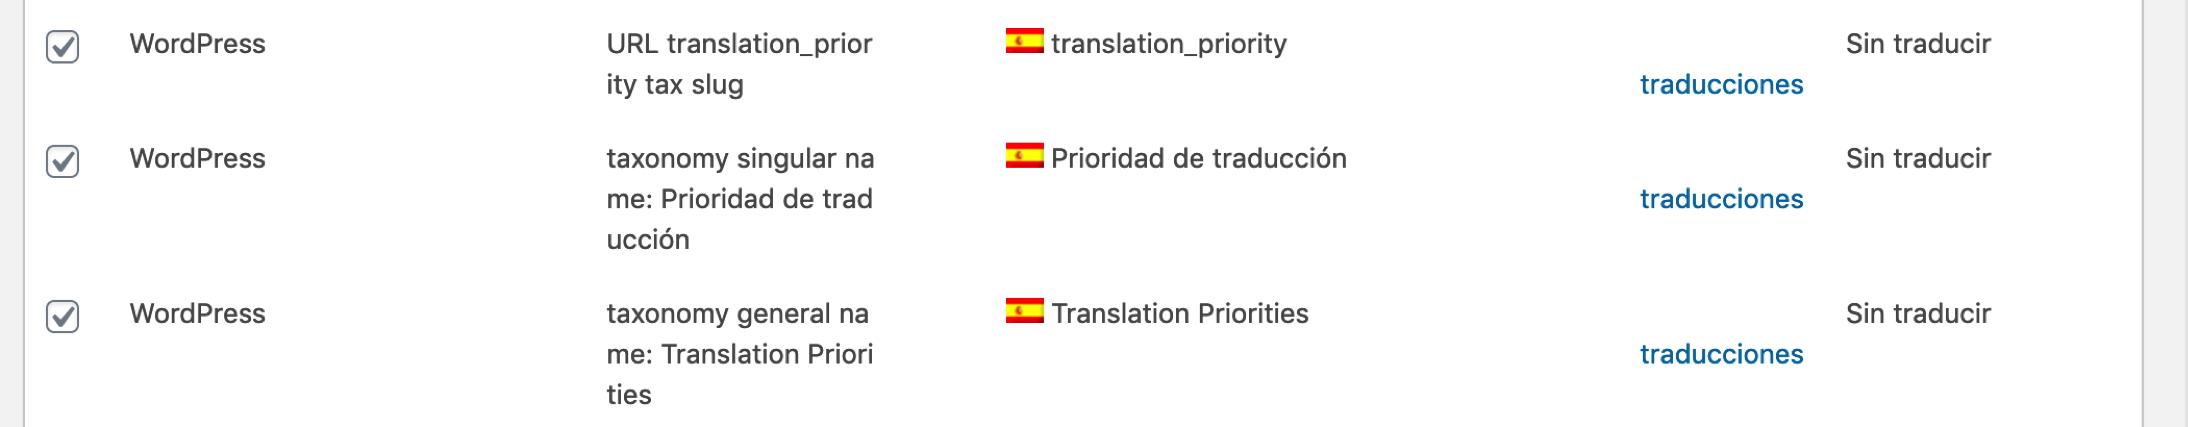 translation-priorities-3-strings.jpg